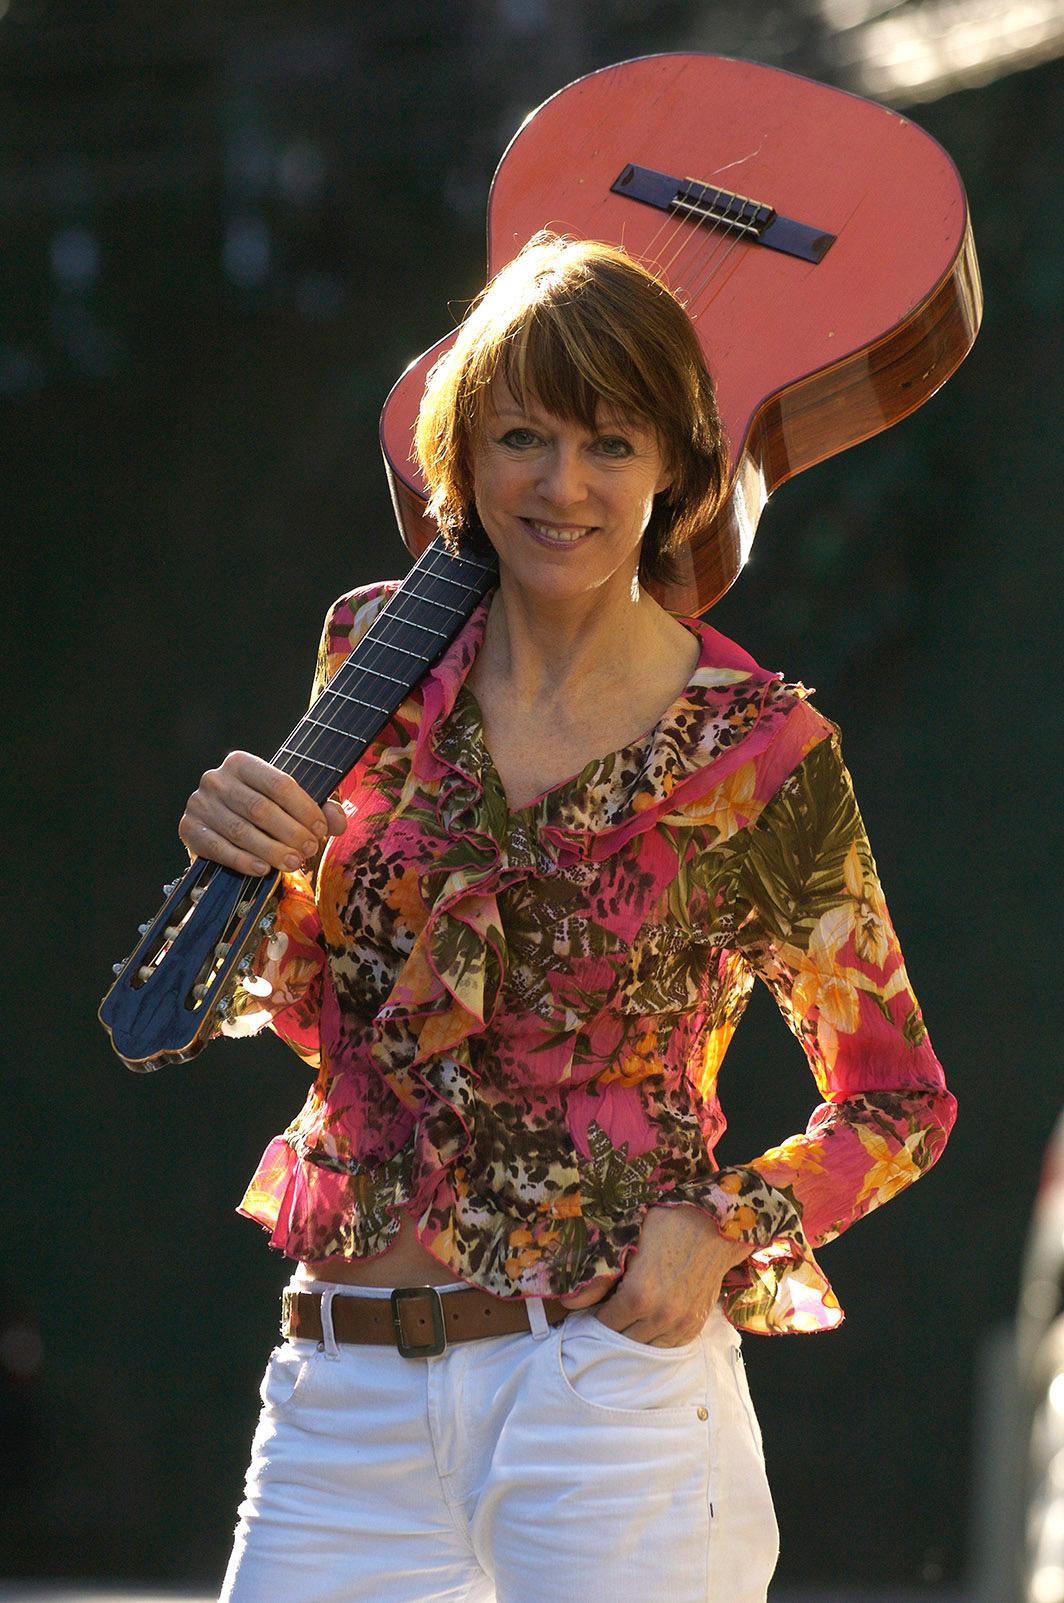 Josee Koning, singer